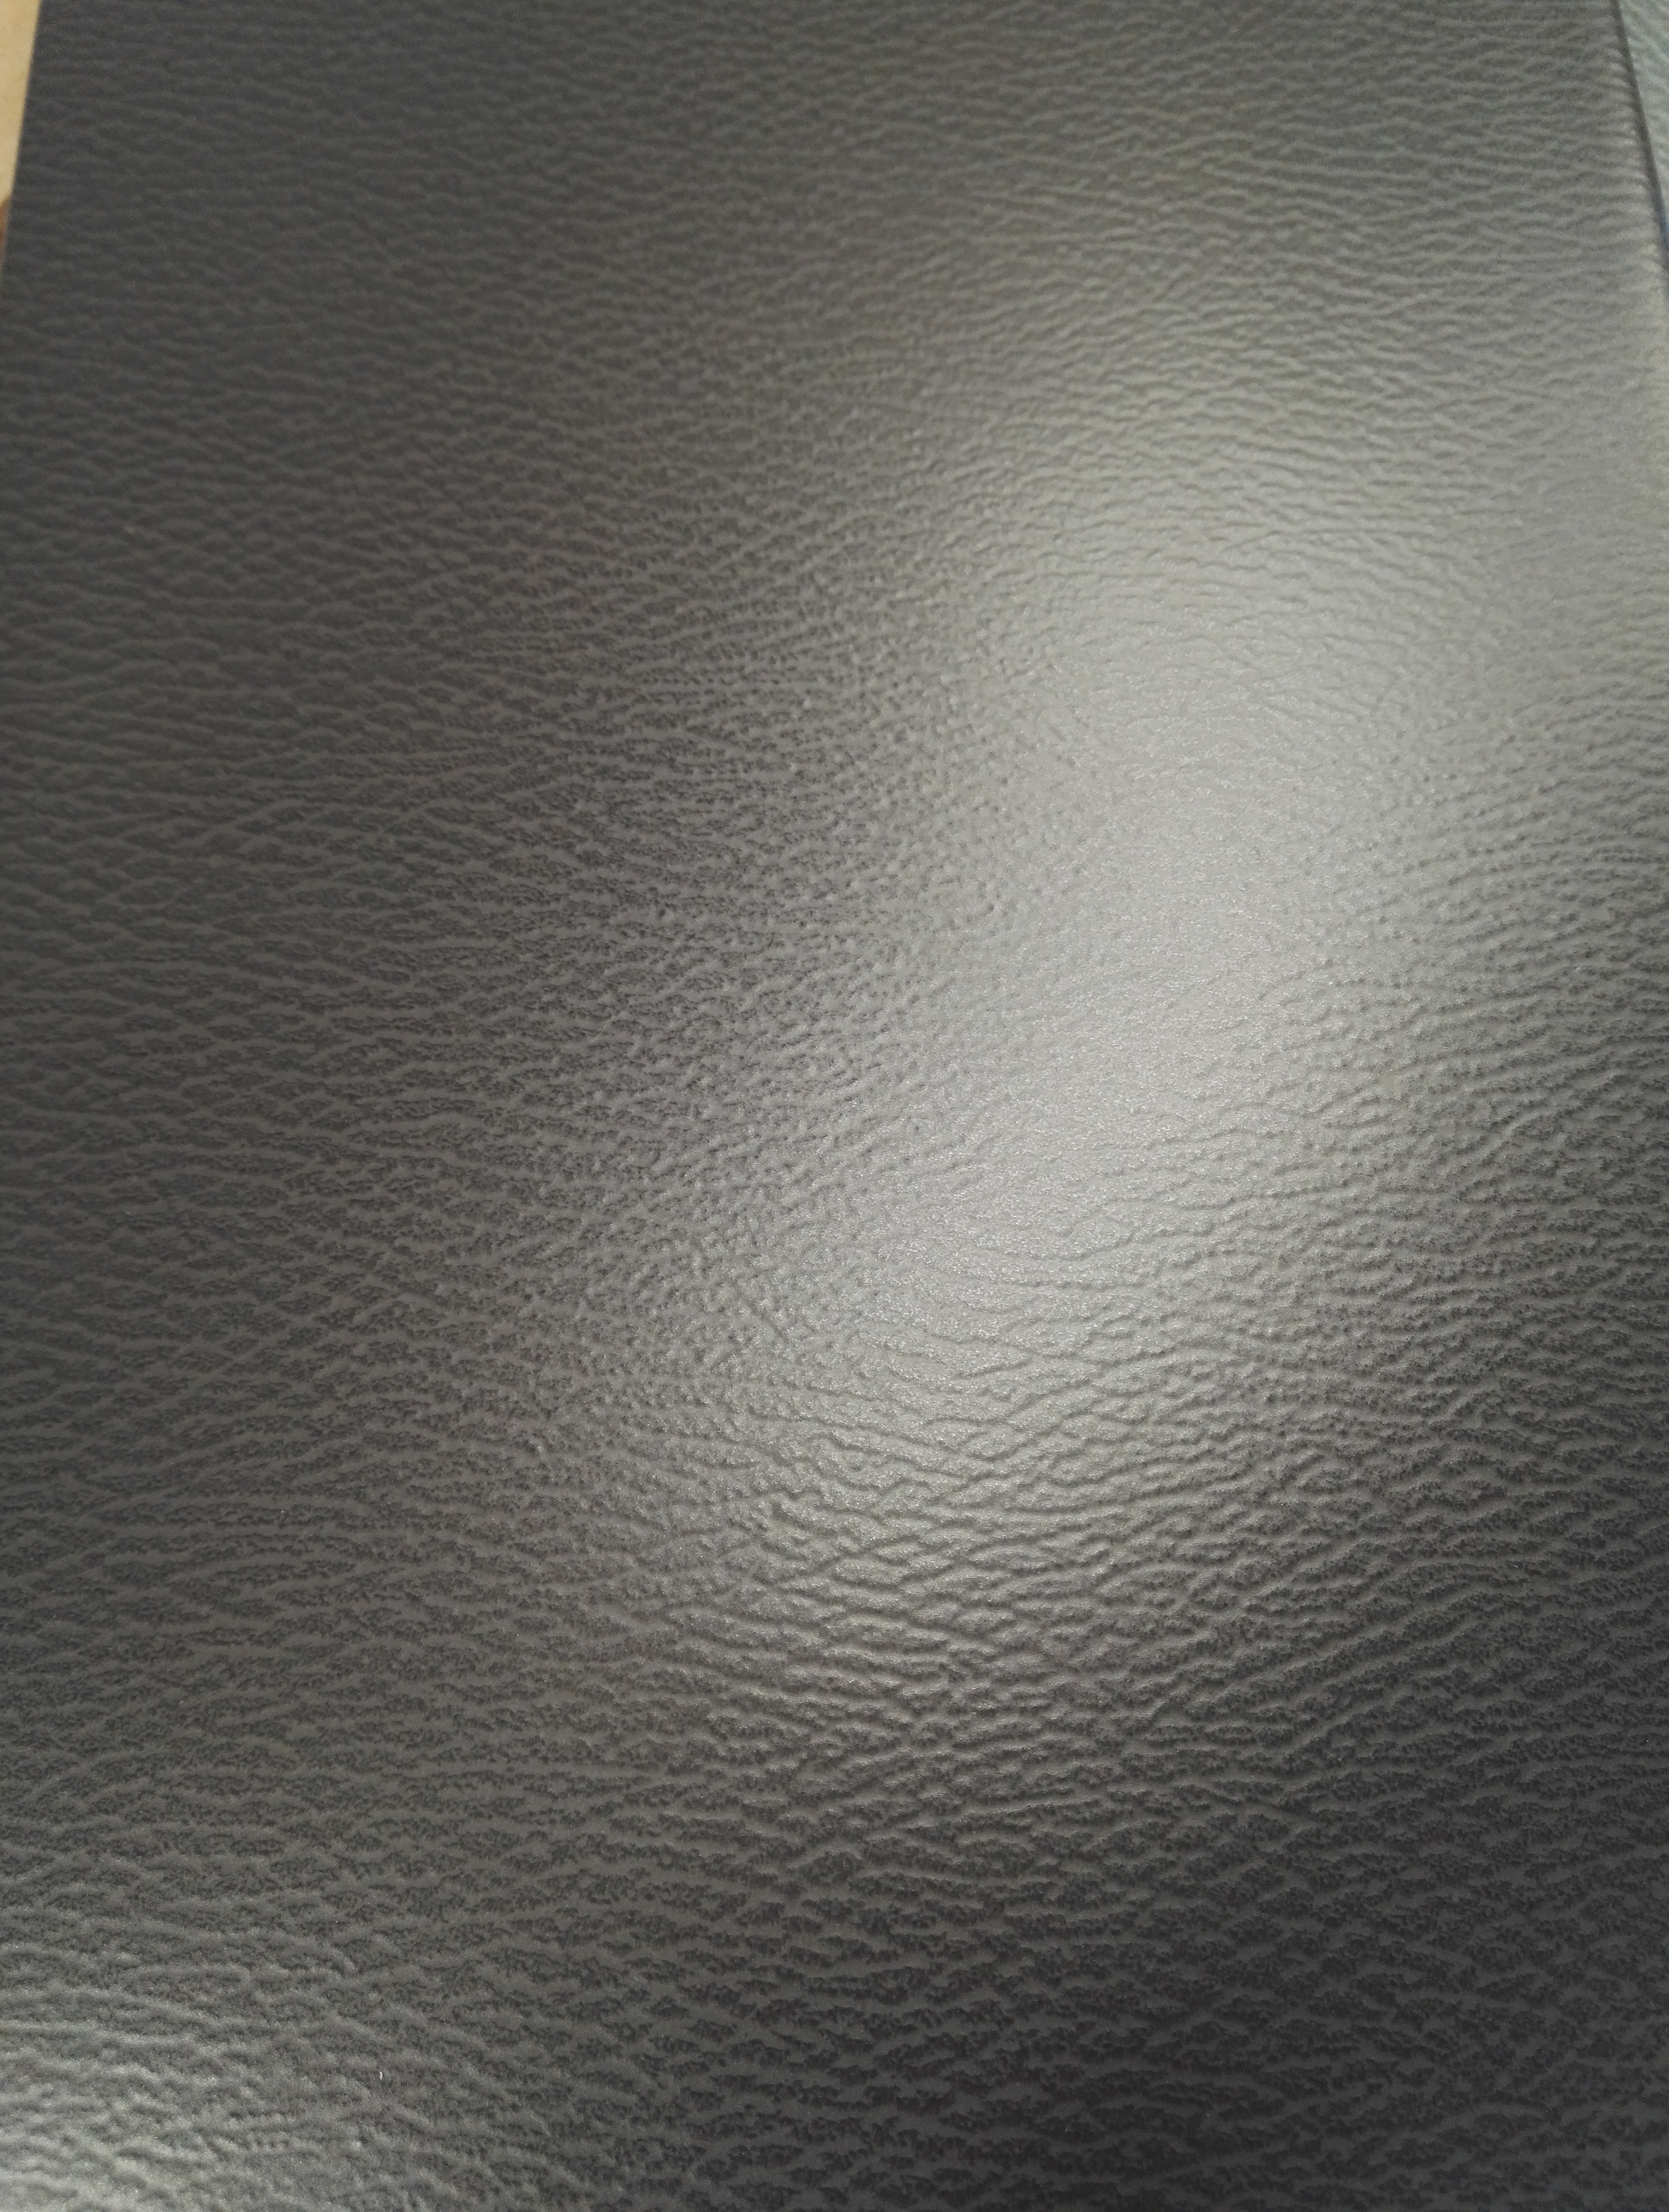 carrelage imitation cuir